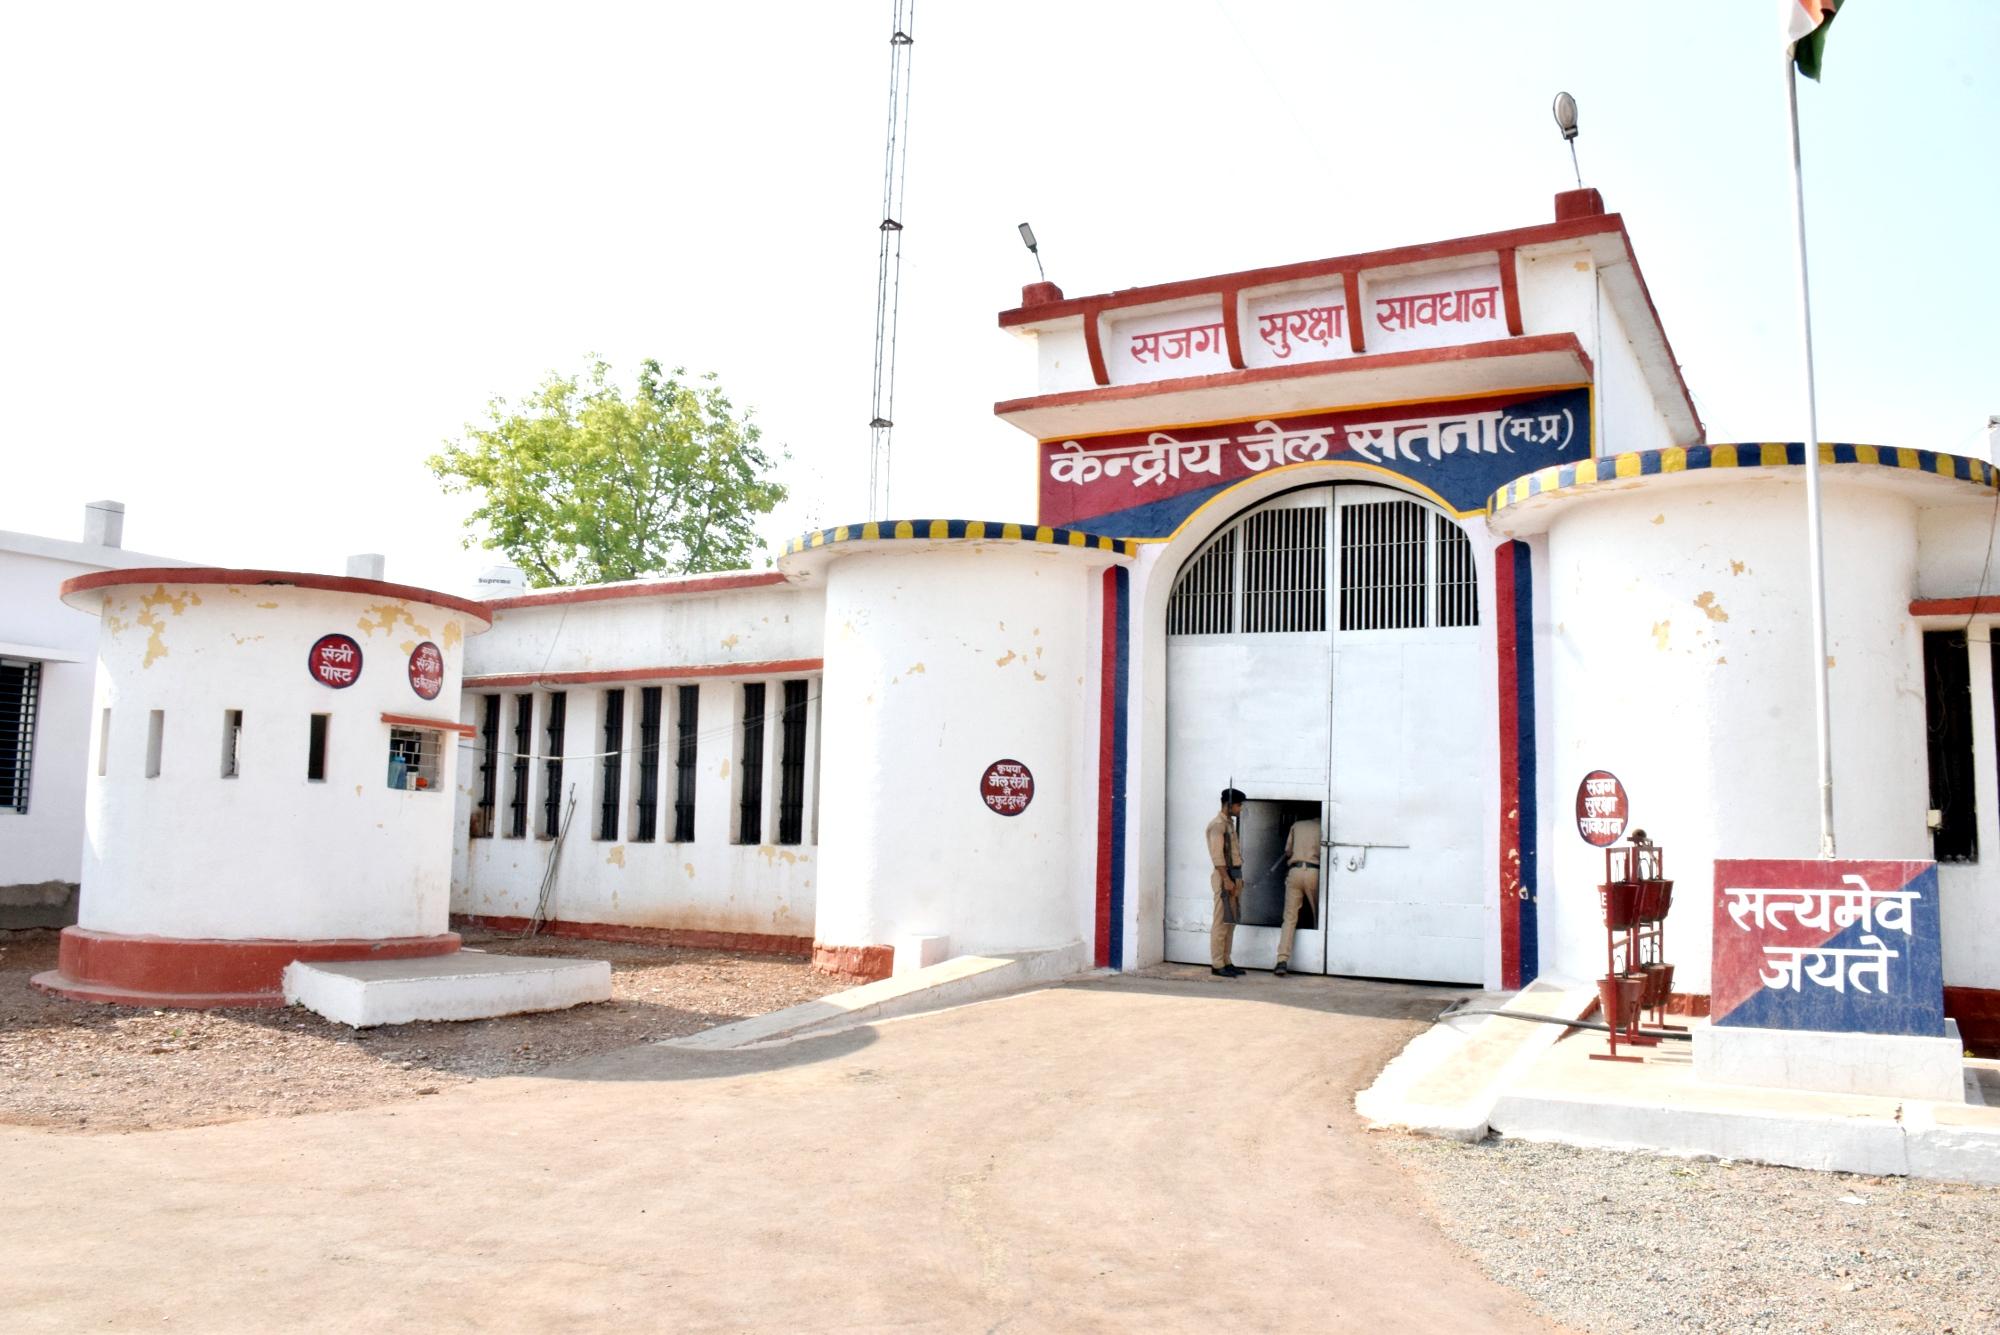 Satna central jail: जिन कैदियों ने डीआइजी के सामने खोला मुंह उन्हें अन्यत्र शिफ्ट करने का प्रस्ताव